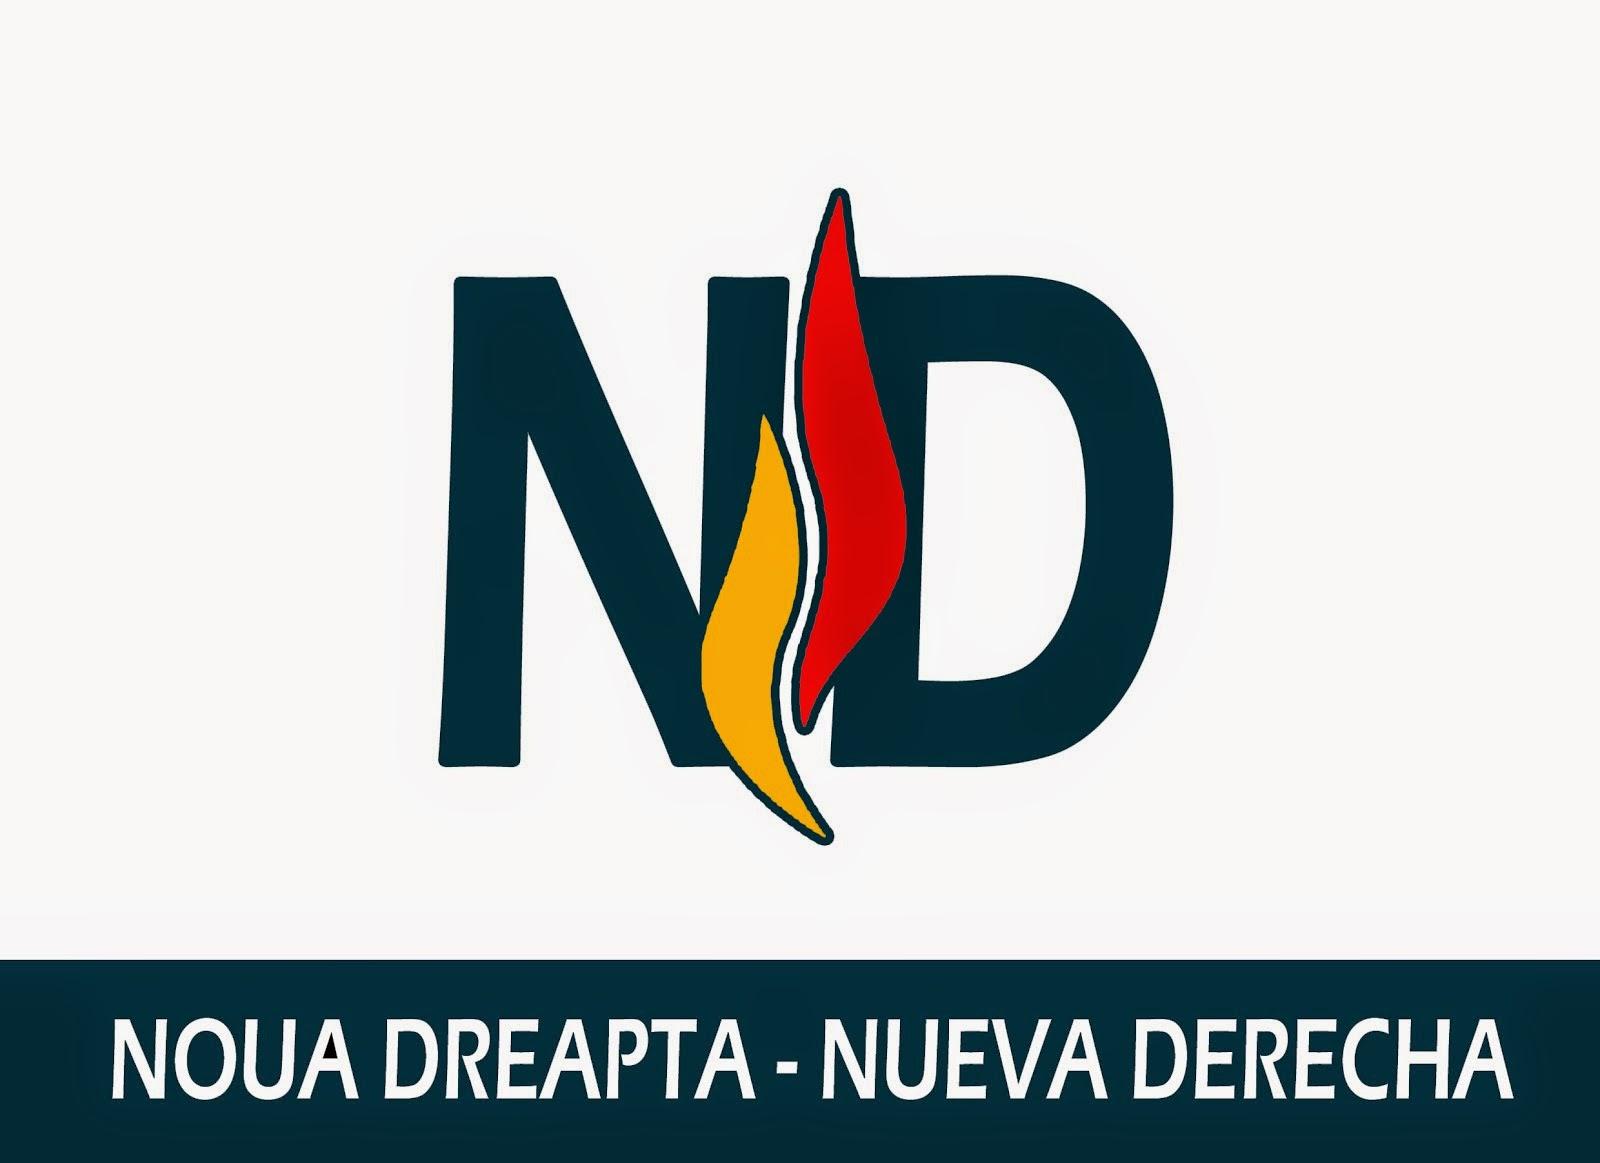 LOGO NUEVA DERECHA